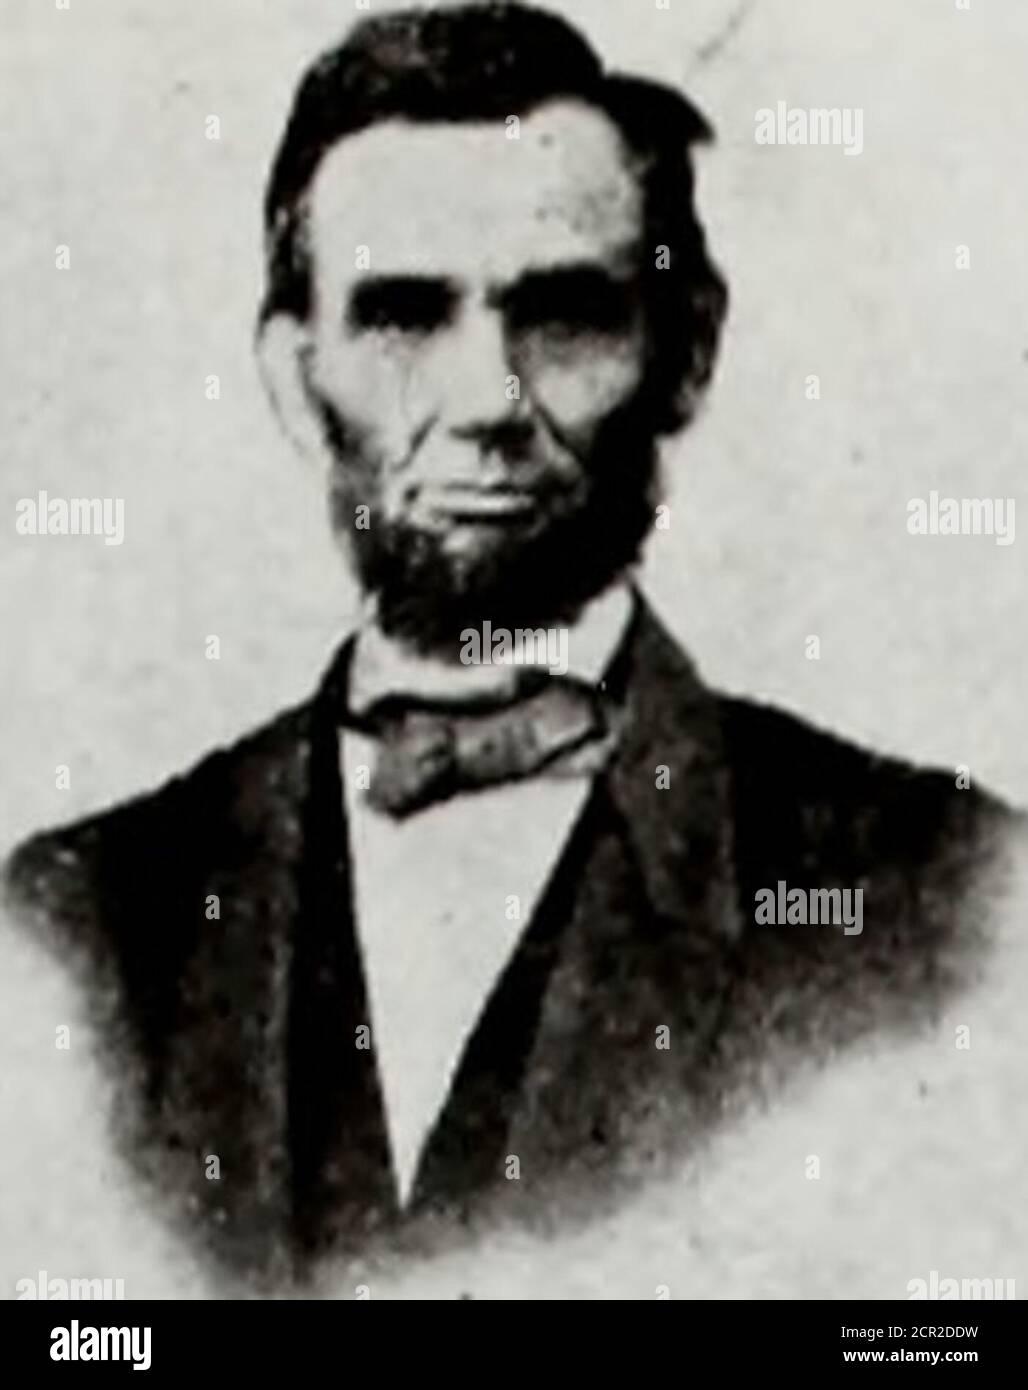 """. El asesinato de Abraham Lincoln . V t yl> nuevos trajes de vestir de otoño, $S a $25 cada II. TI.iT.i« >;lc hii.l ..Ai, fin.- Frrnrh v. I(r""""...),. """"ll. «"""",   """""""" """","""" ,"""" M,"""" 1,  .l""""o.. Ragnning New Ragdolls, 25c a $L00 k • Il lleno ••WF -tln vil 1 i>-li.;« jtrA.Ifvir iraniiriit-. M.mi.- I . .l!-<.<. LfNcaN Funeral Car>. J-OUVENIR 42ND National Encampment / Foto de stock"""